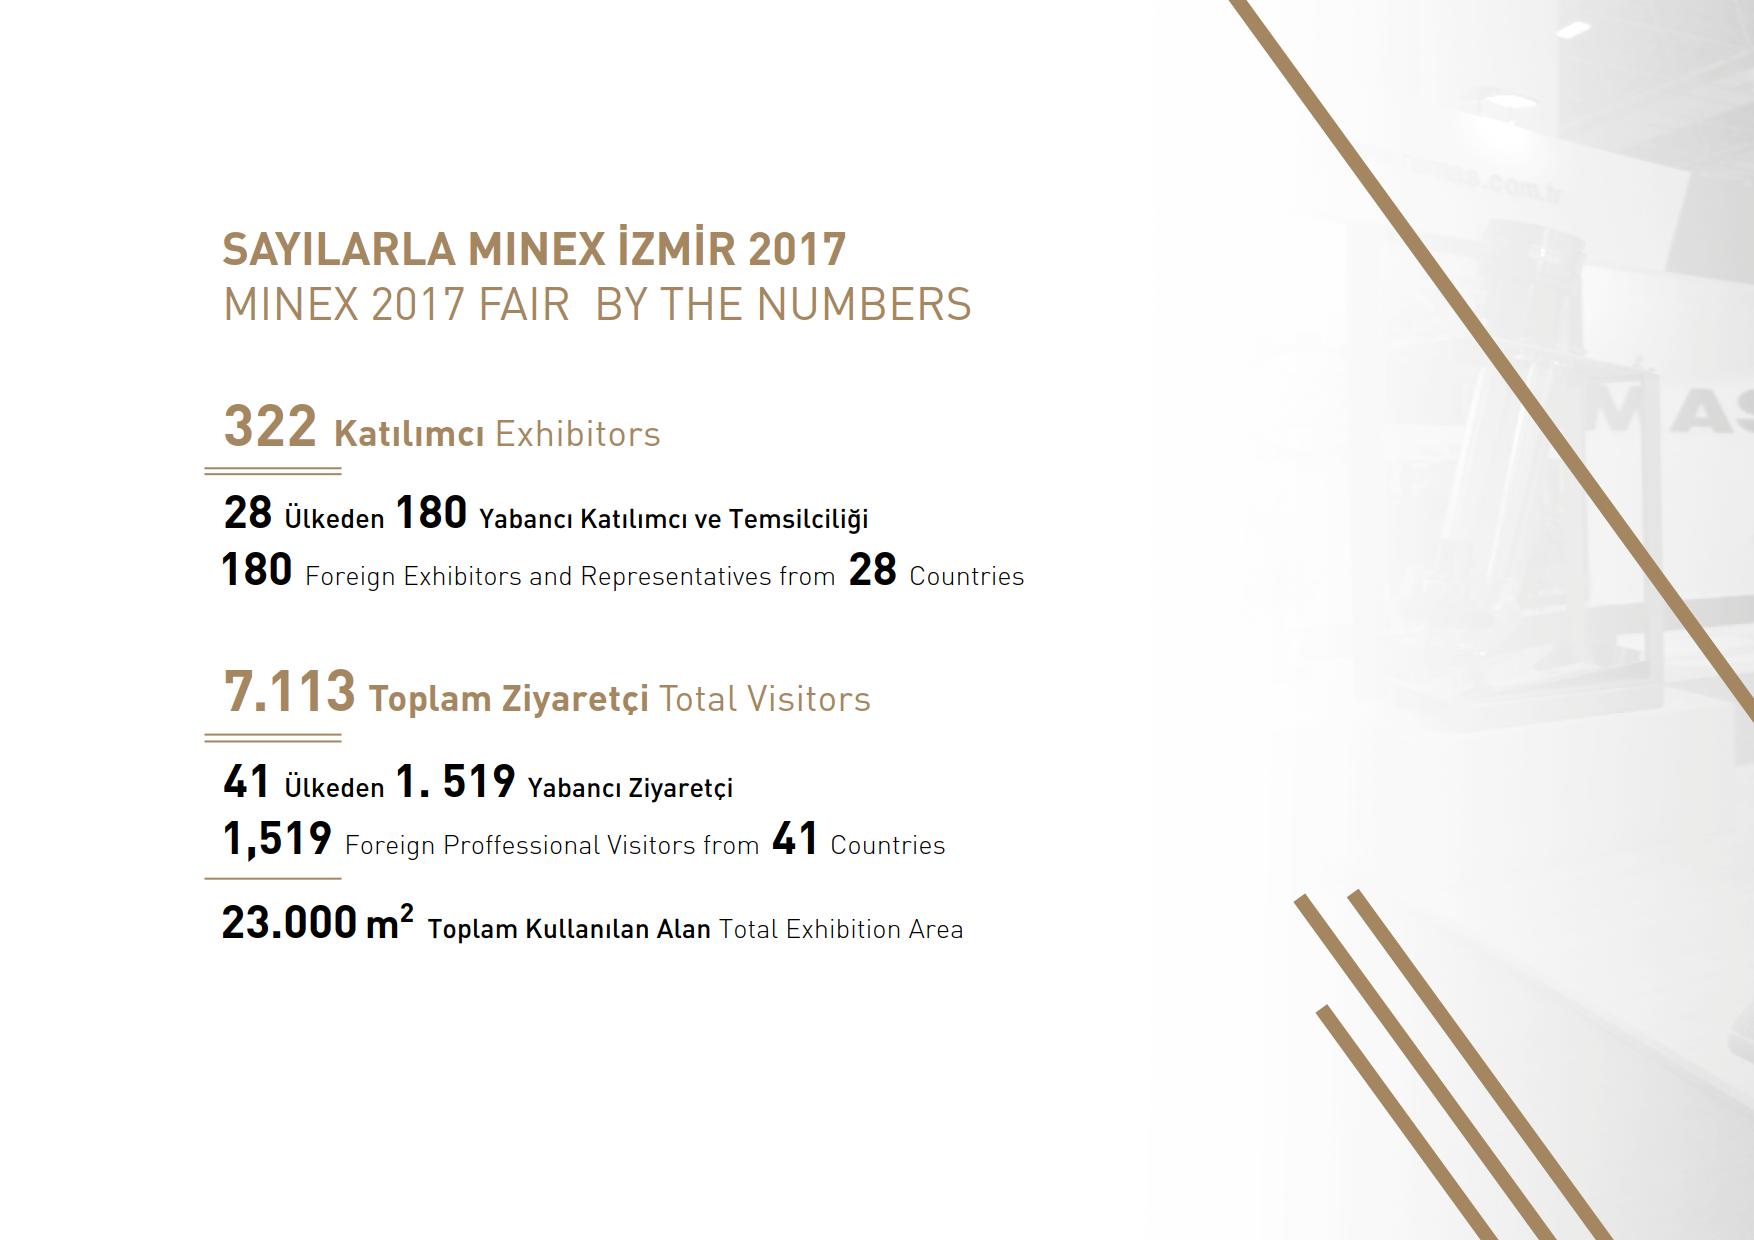 土耳其伊茲密爾礦業展覽會MINEX Izmir